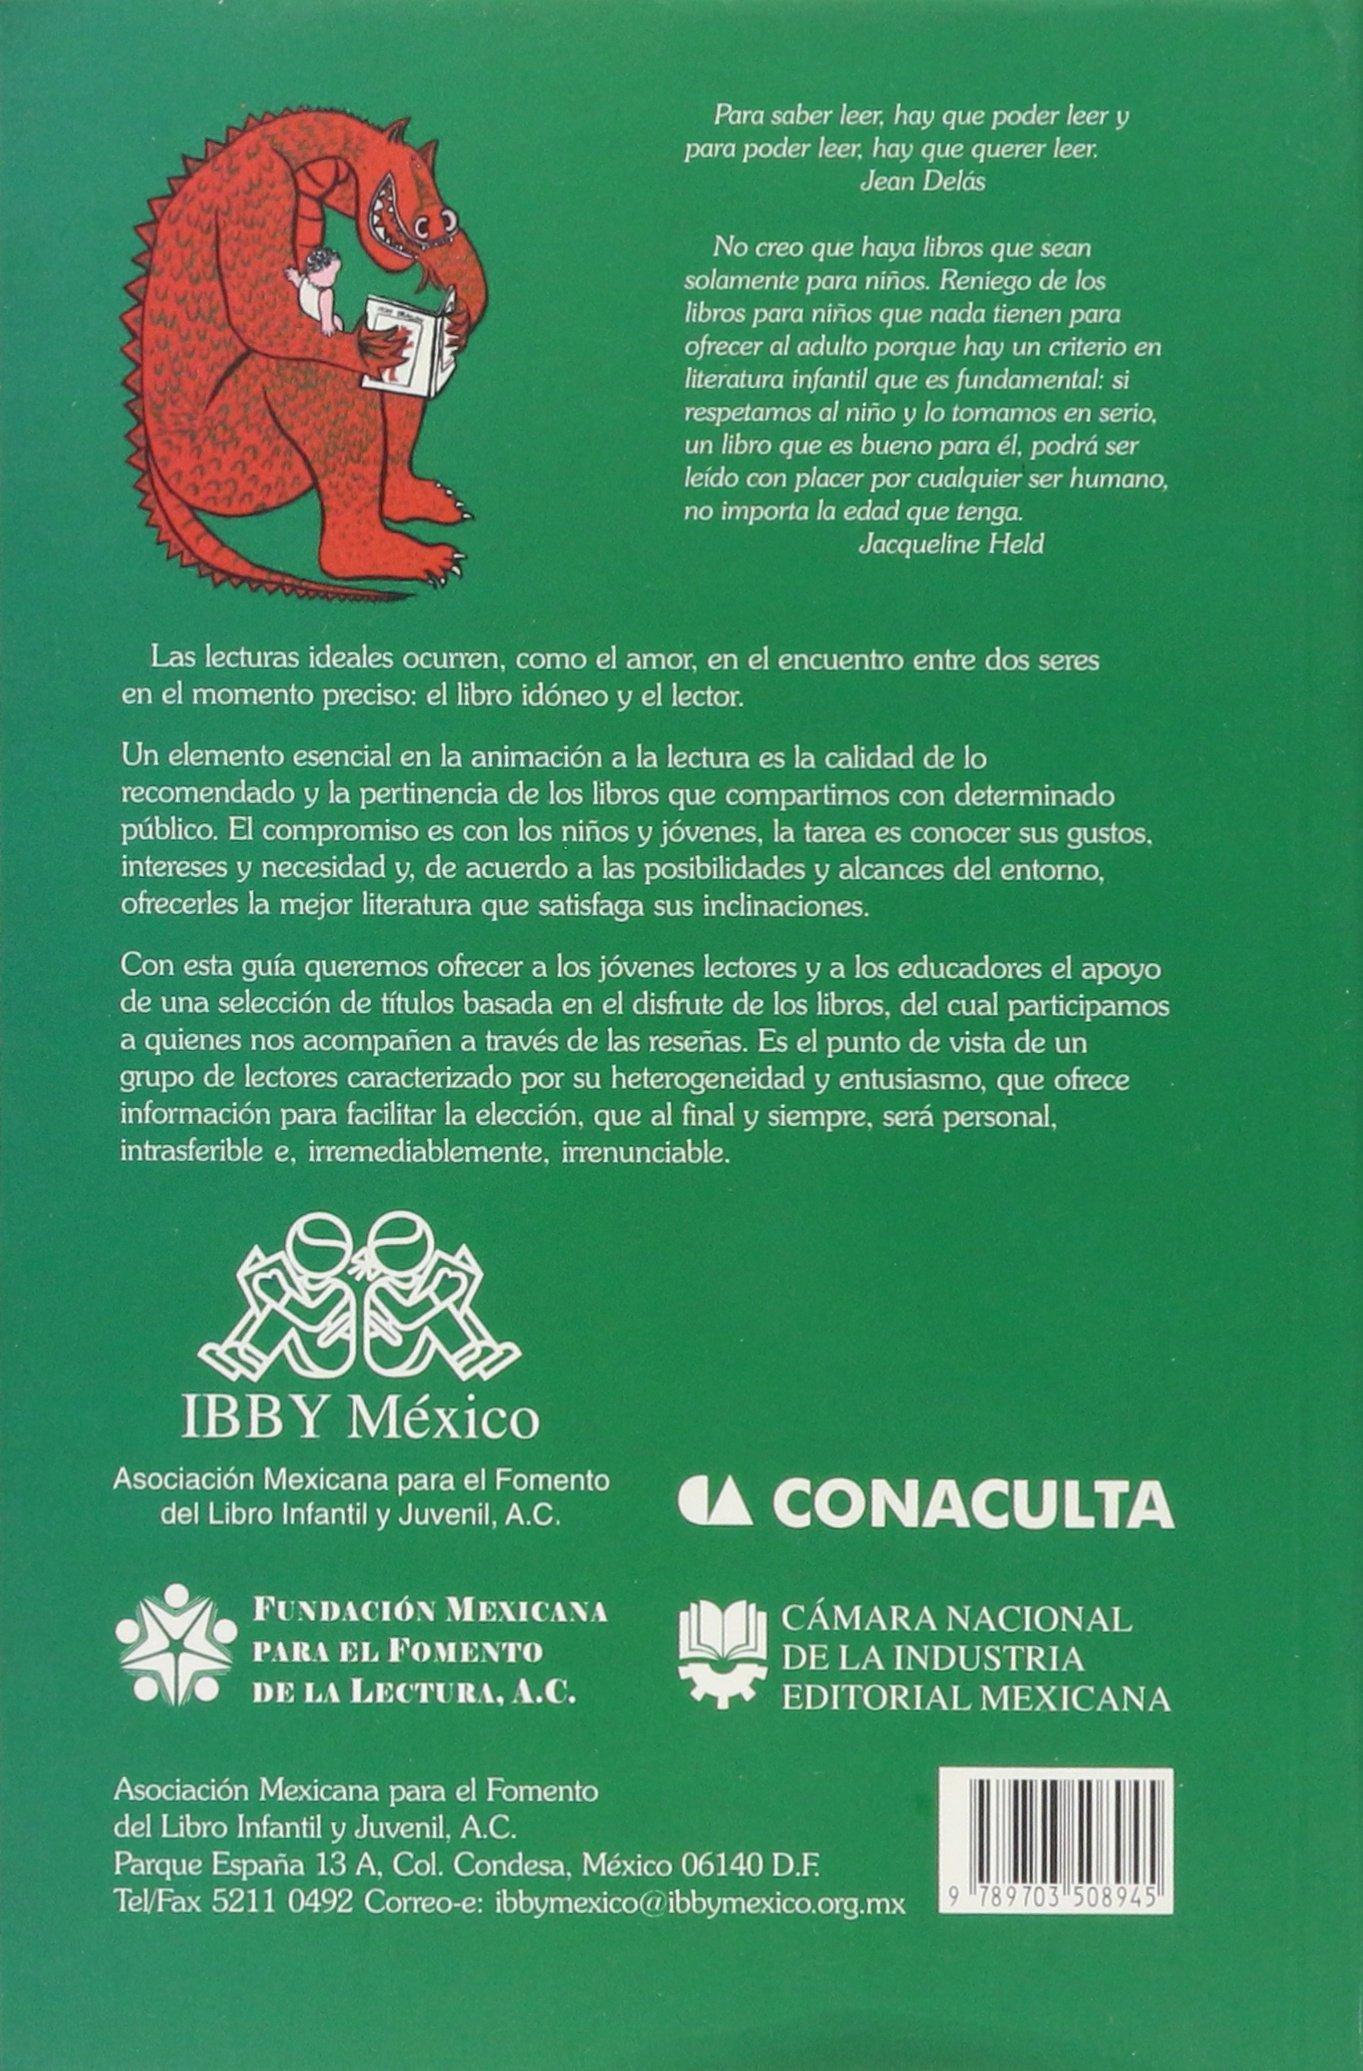 Guía de libros recomendados para niños y jovenes 2006: ASOCIACION MEXICANA PARA EL FOMENTO DEL: 9789703508945: Amazon.com: Books